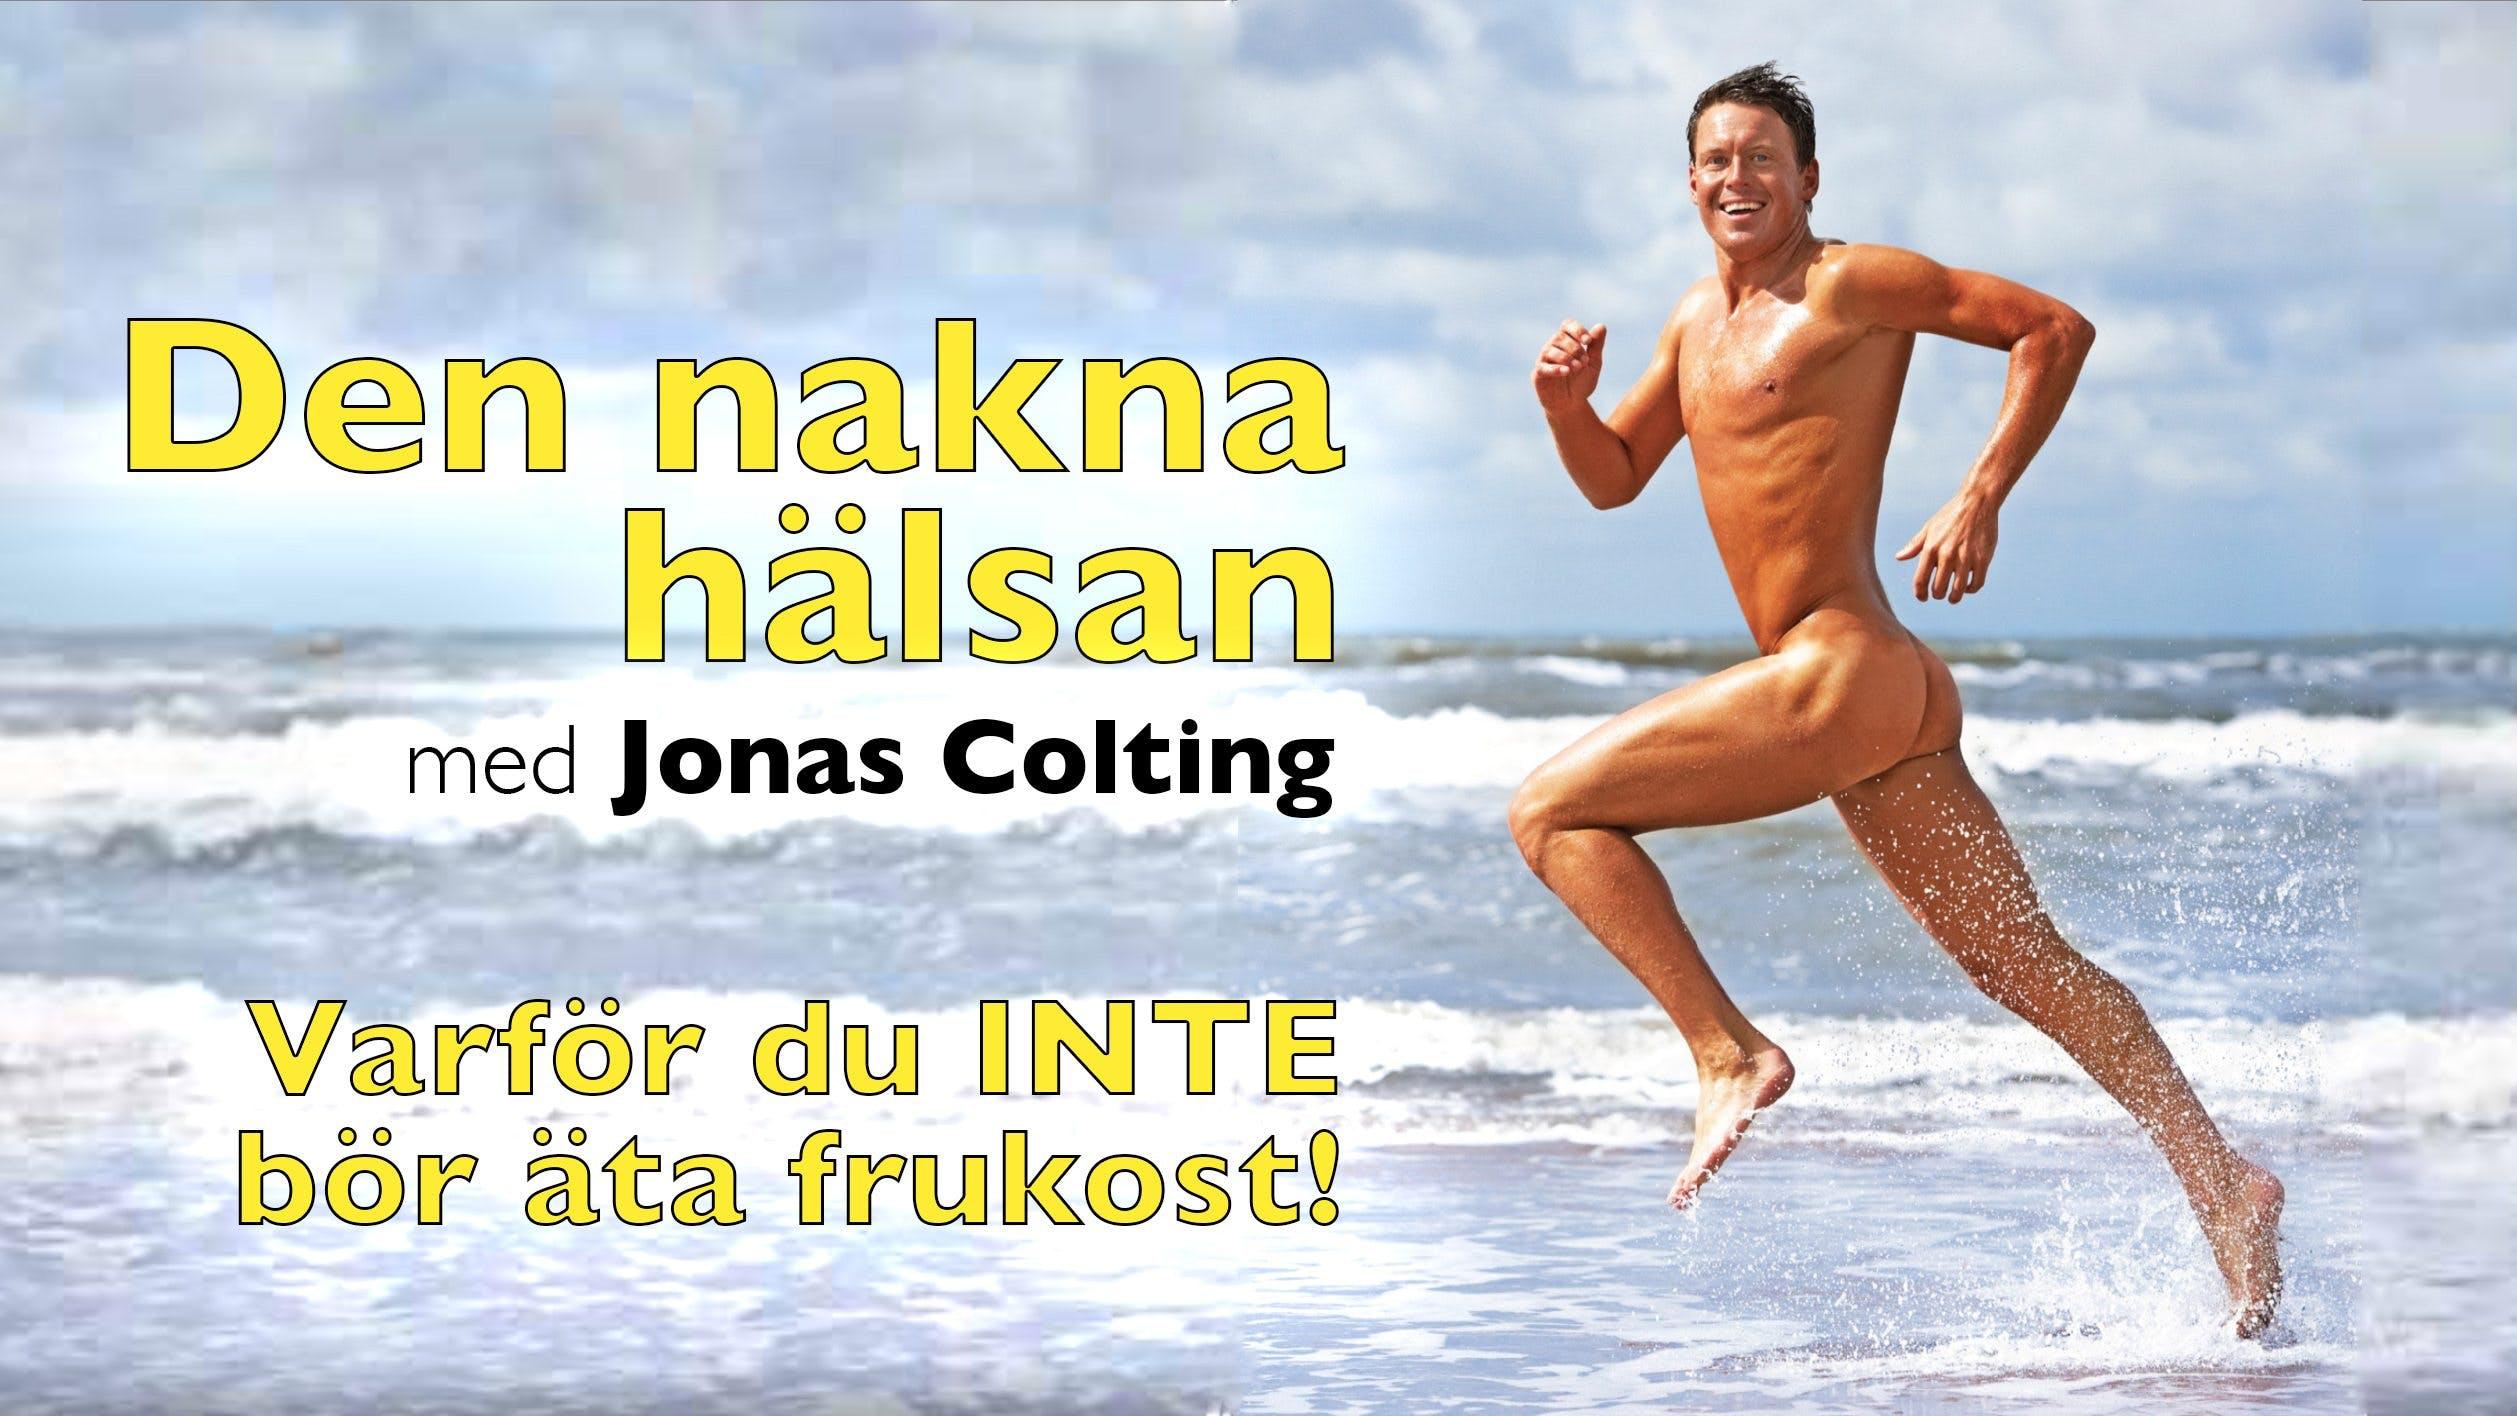 Colting Den nakna hälsan-2015-frukost